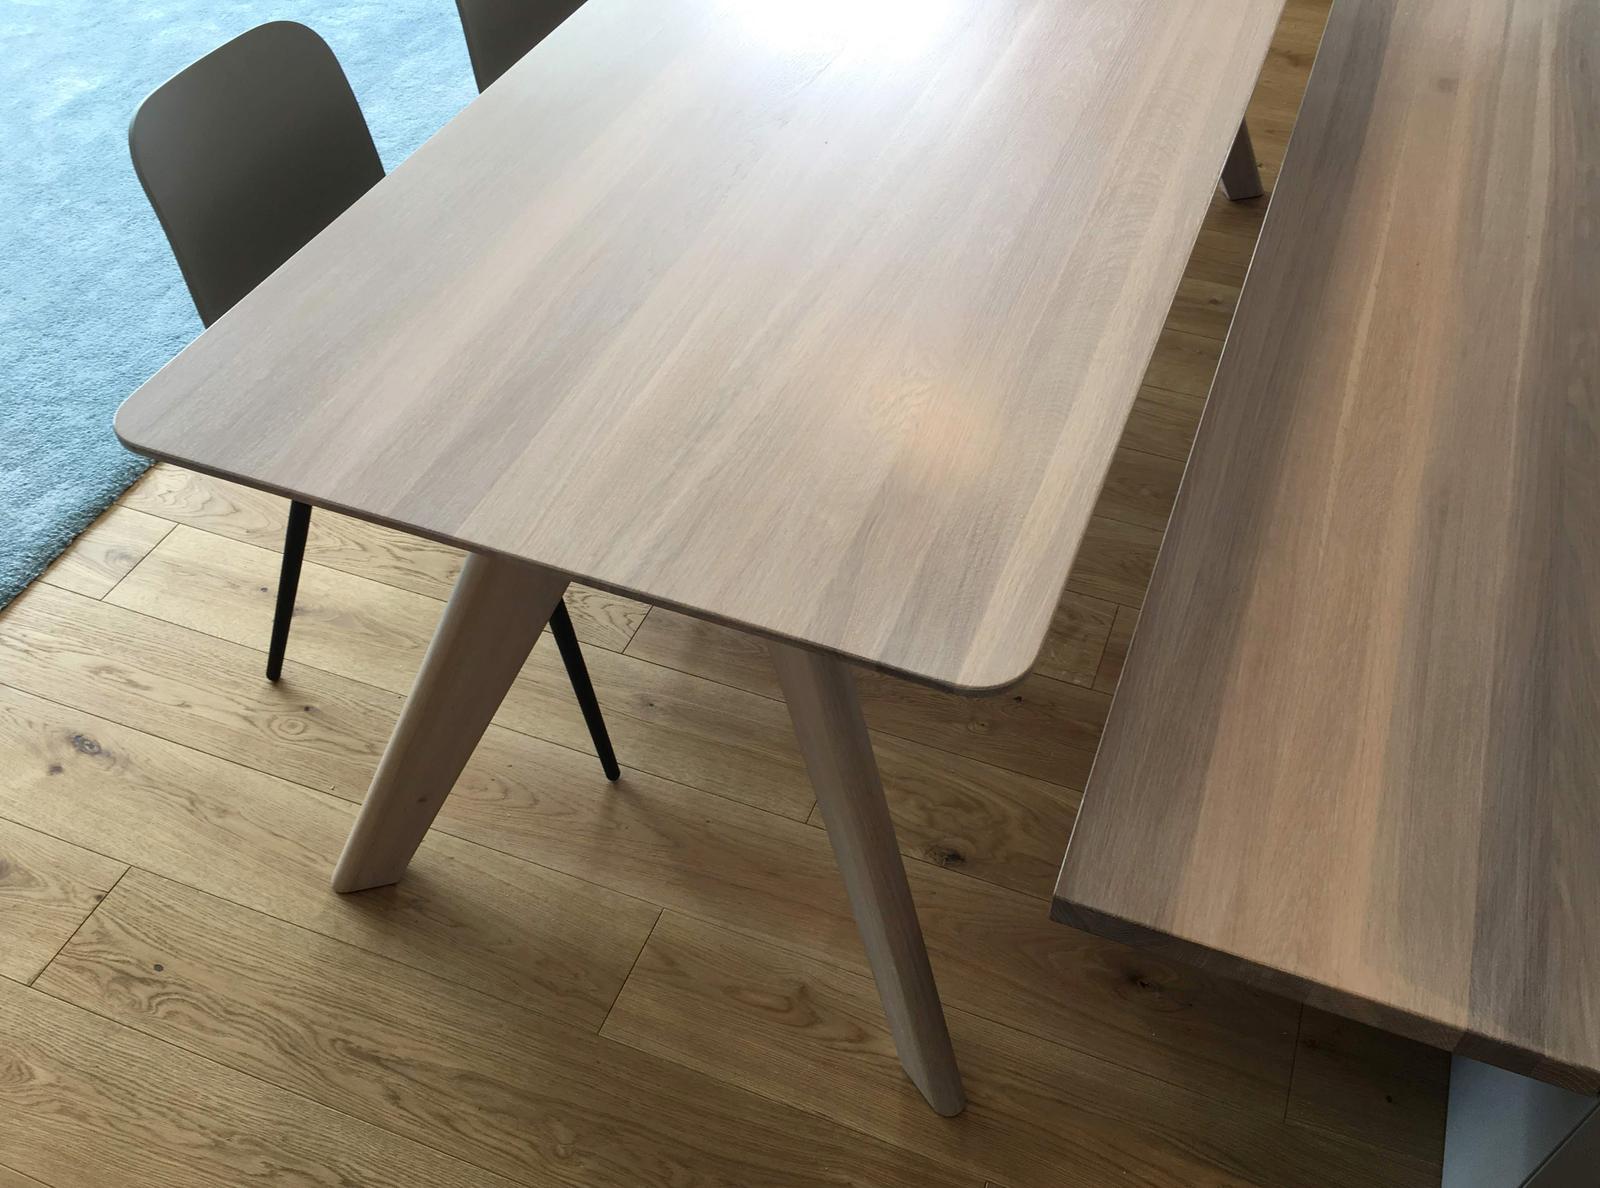 Dizajn a výroba nábytku na mieru Cubica - Masívny dubový stôl ELYS O - 2200x900 mm s lavicou #dubovystol #dub #stol design&vyroba cubica